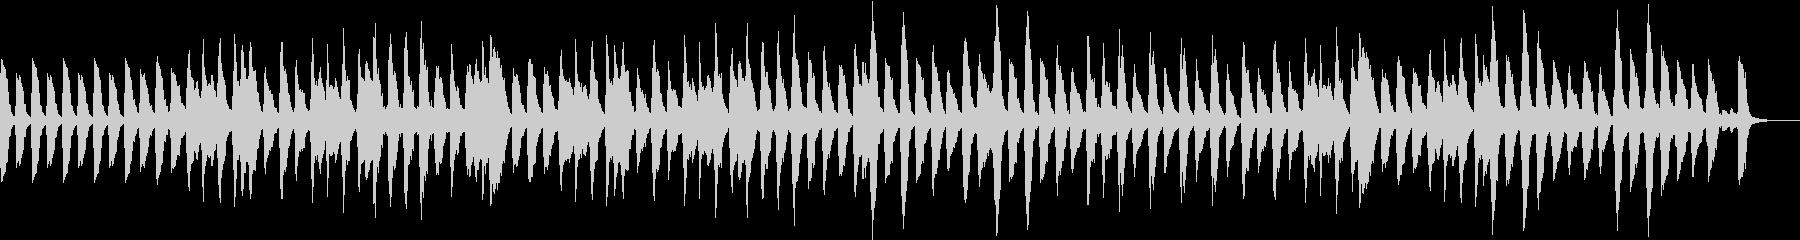 ほのぼのな日常的曲の未再生の波形